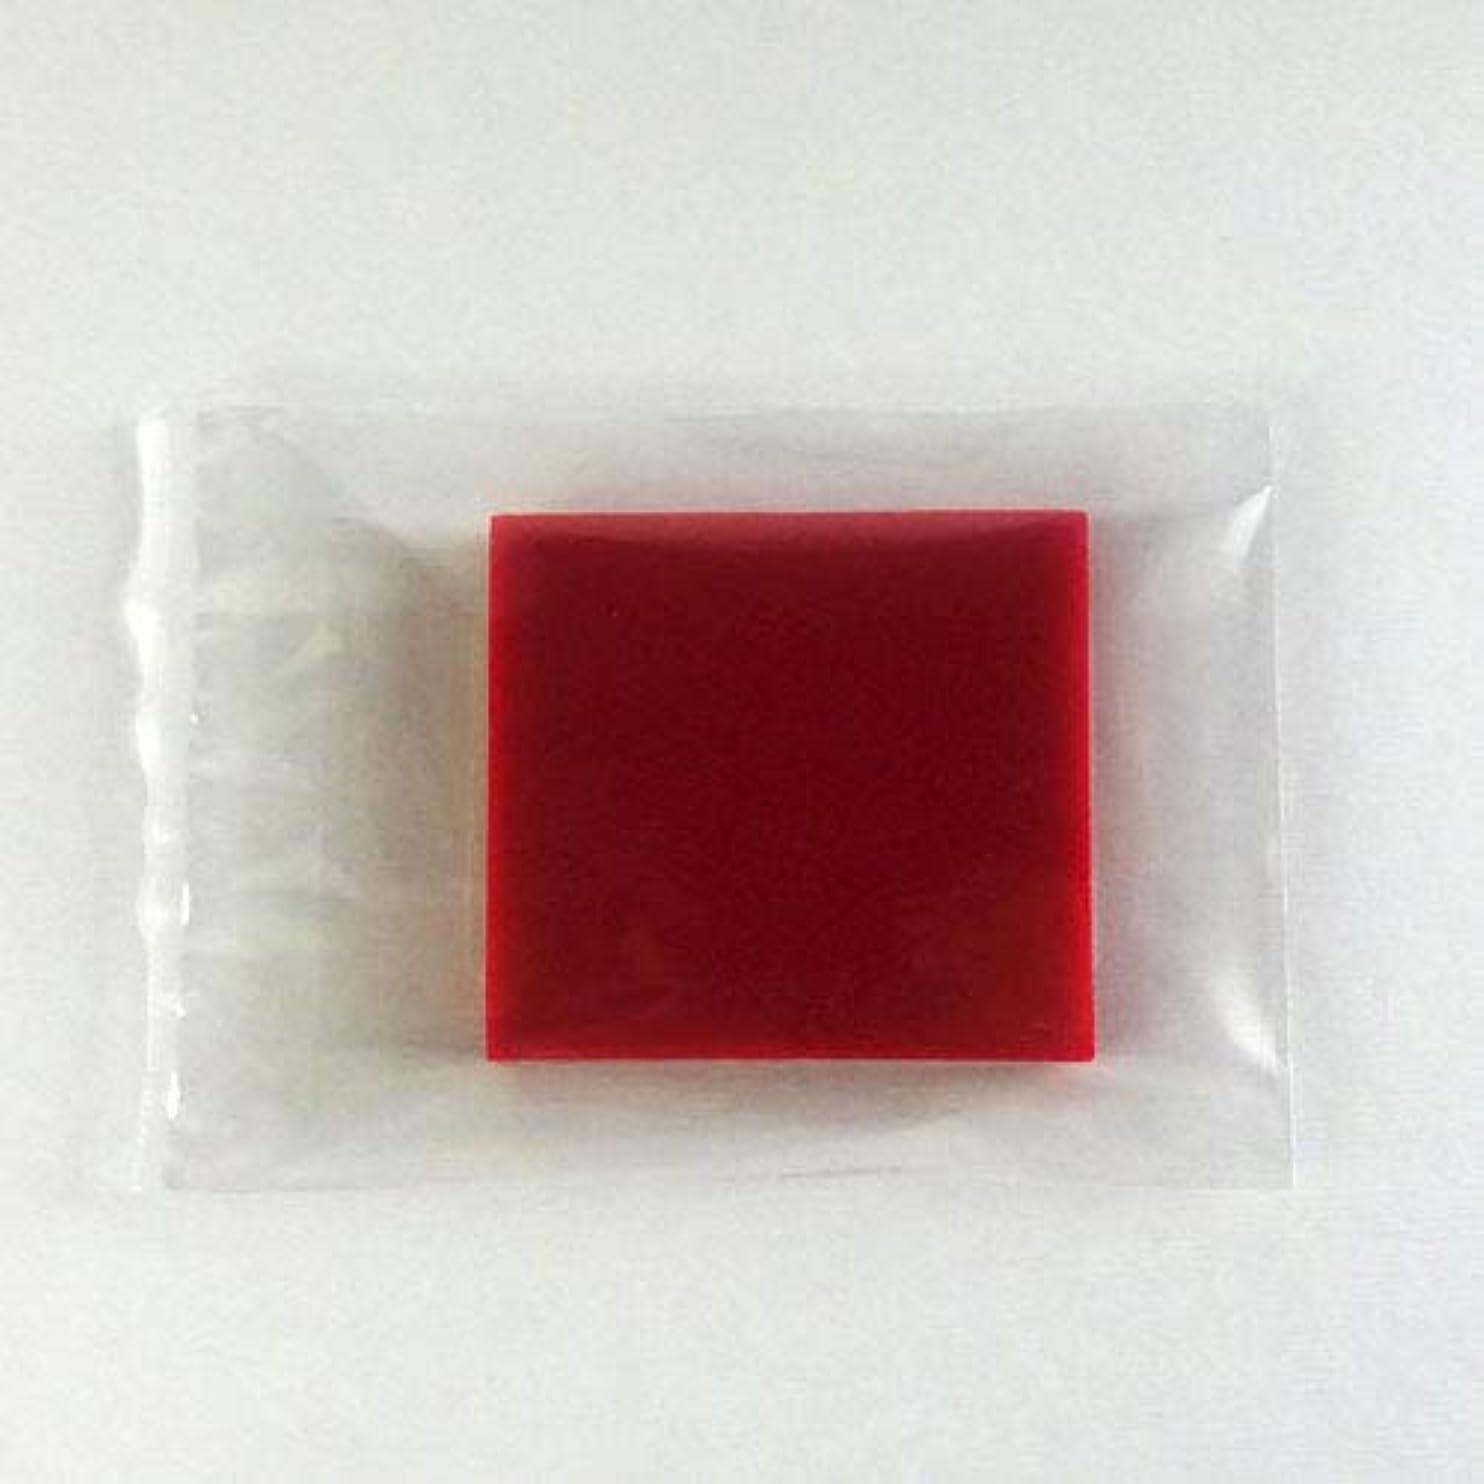 韓国語名誉ある経済グリセリンソープ MPソープ 色チップ 赤(レッド) 30g